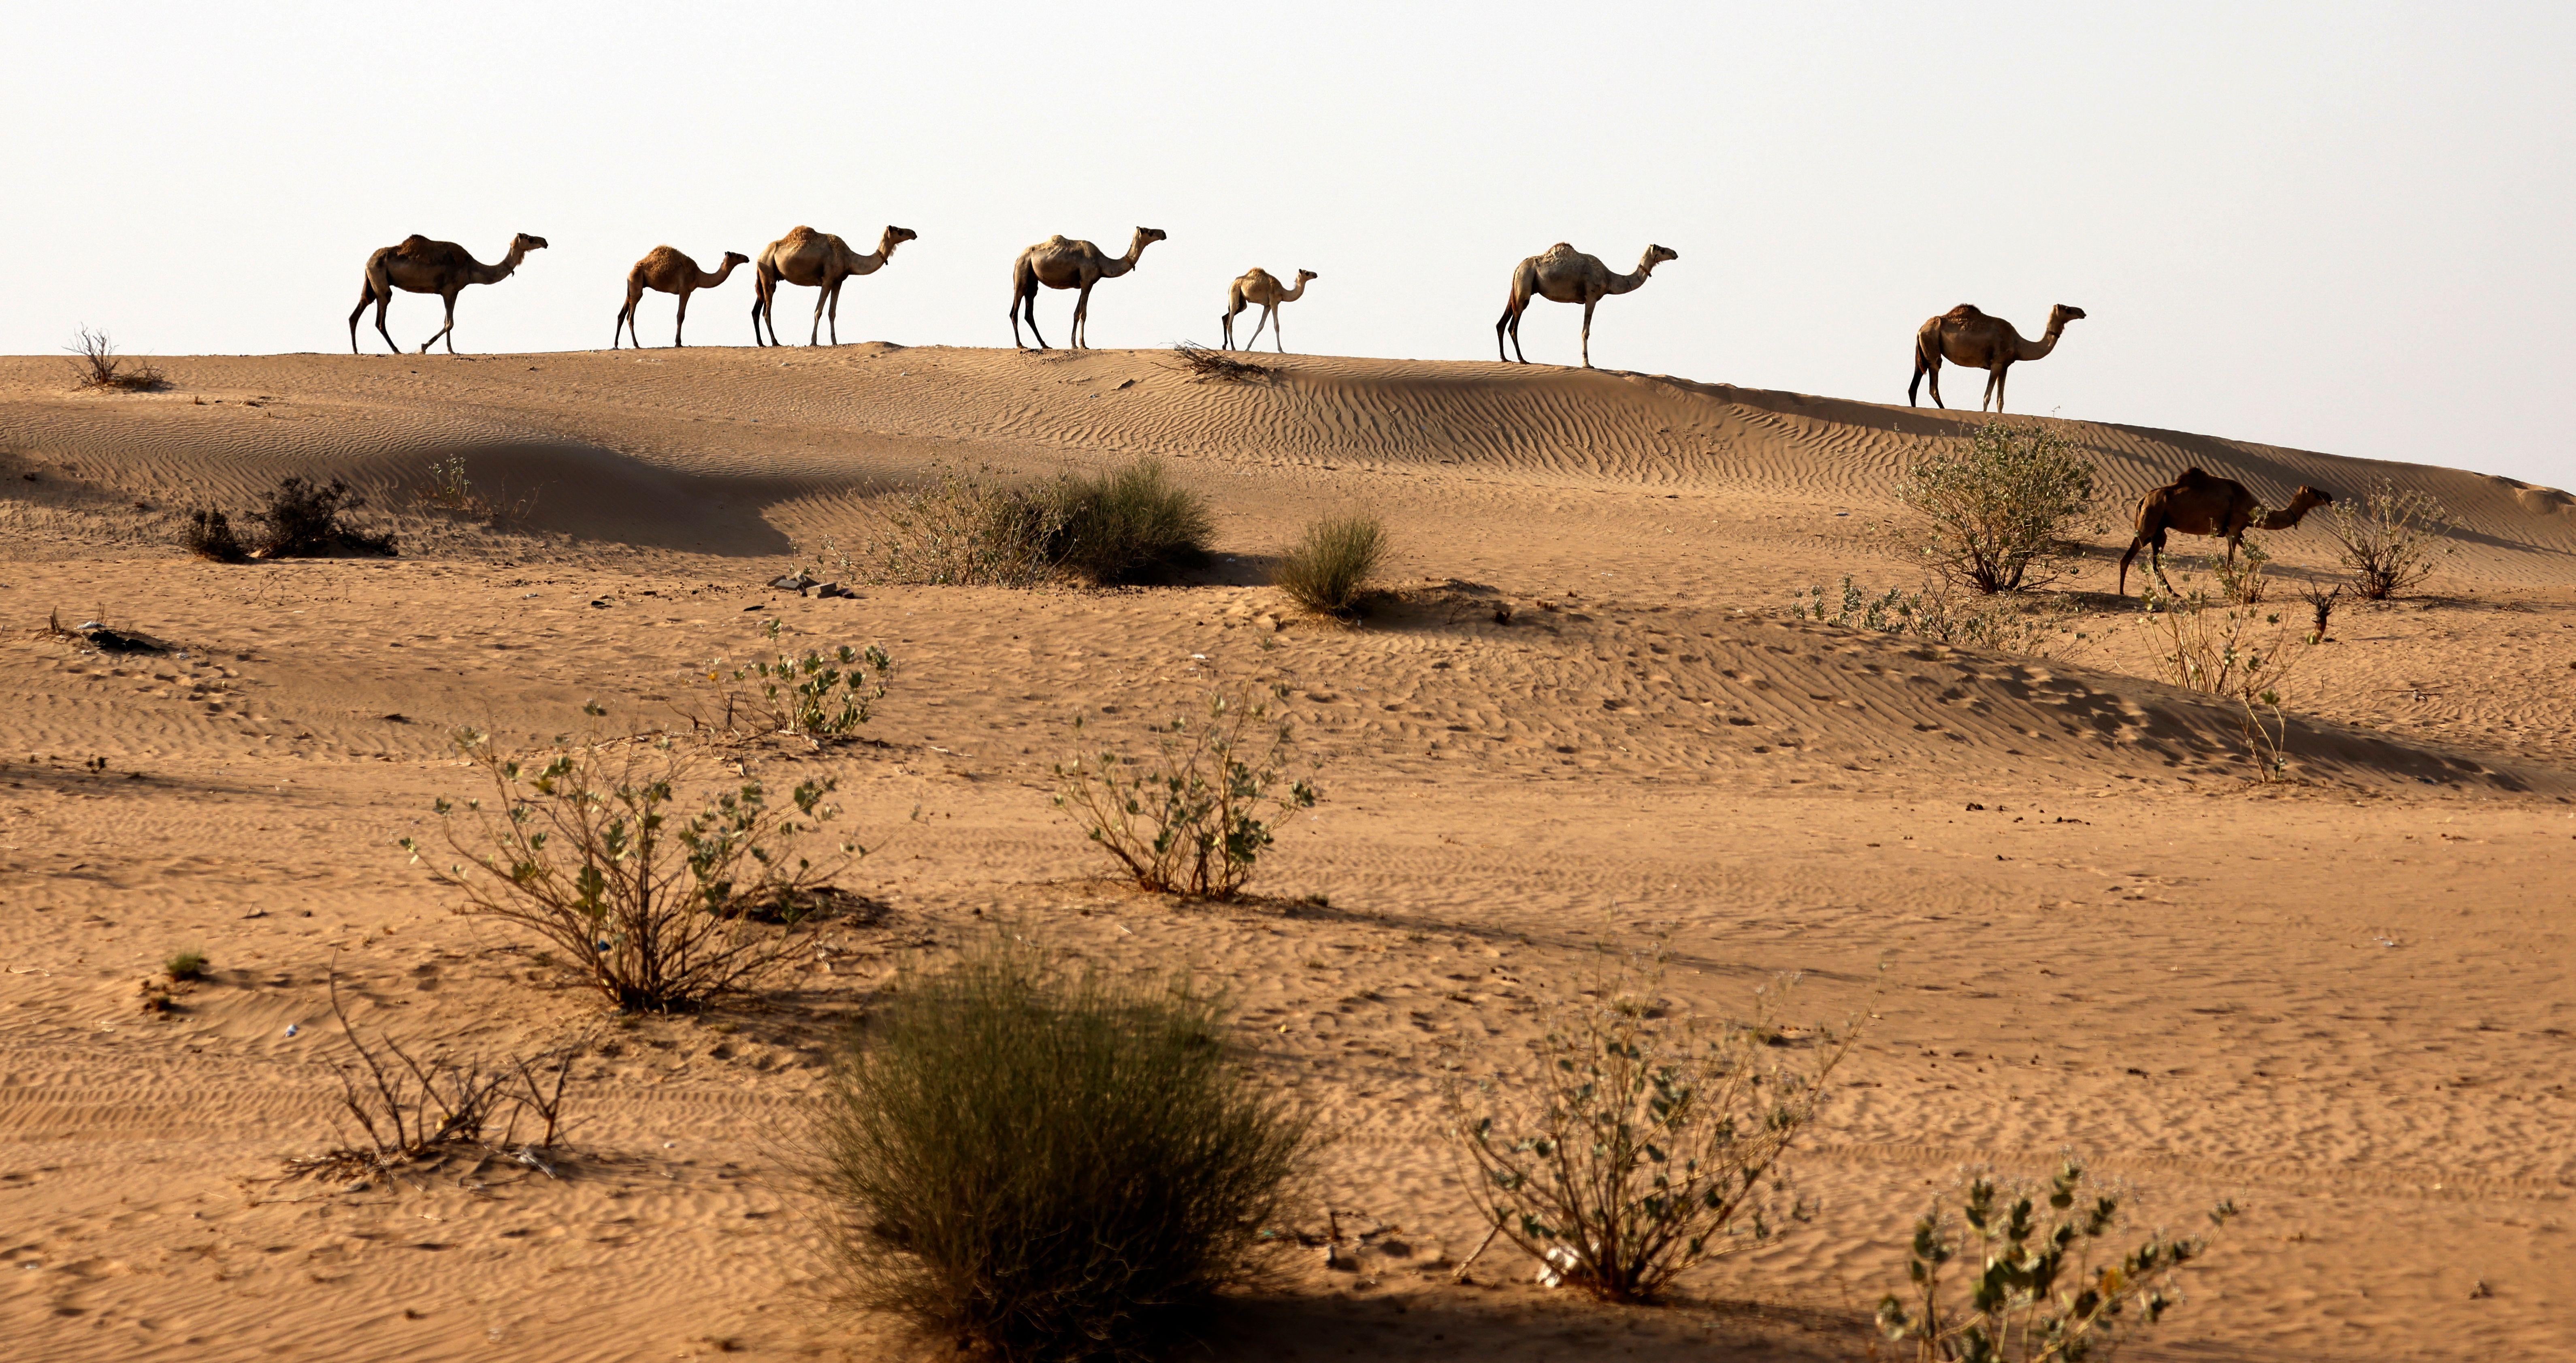 UAE-DESERT-ANIMALS